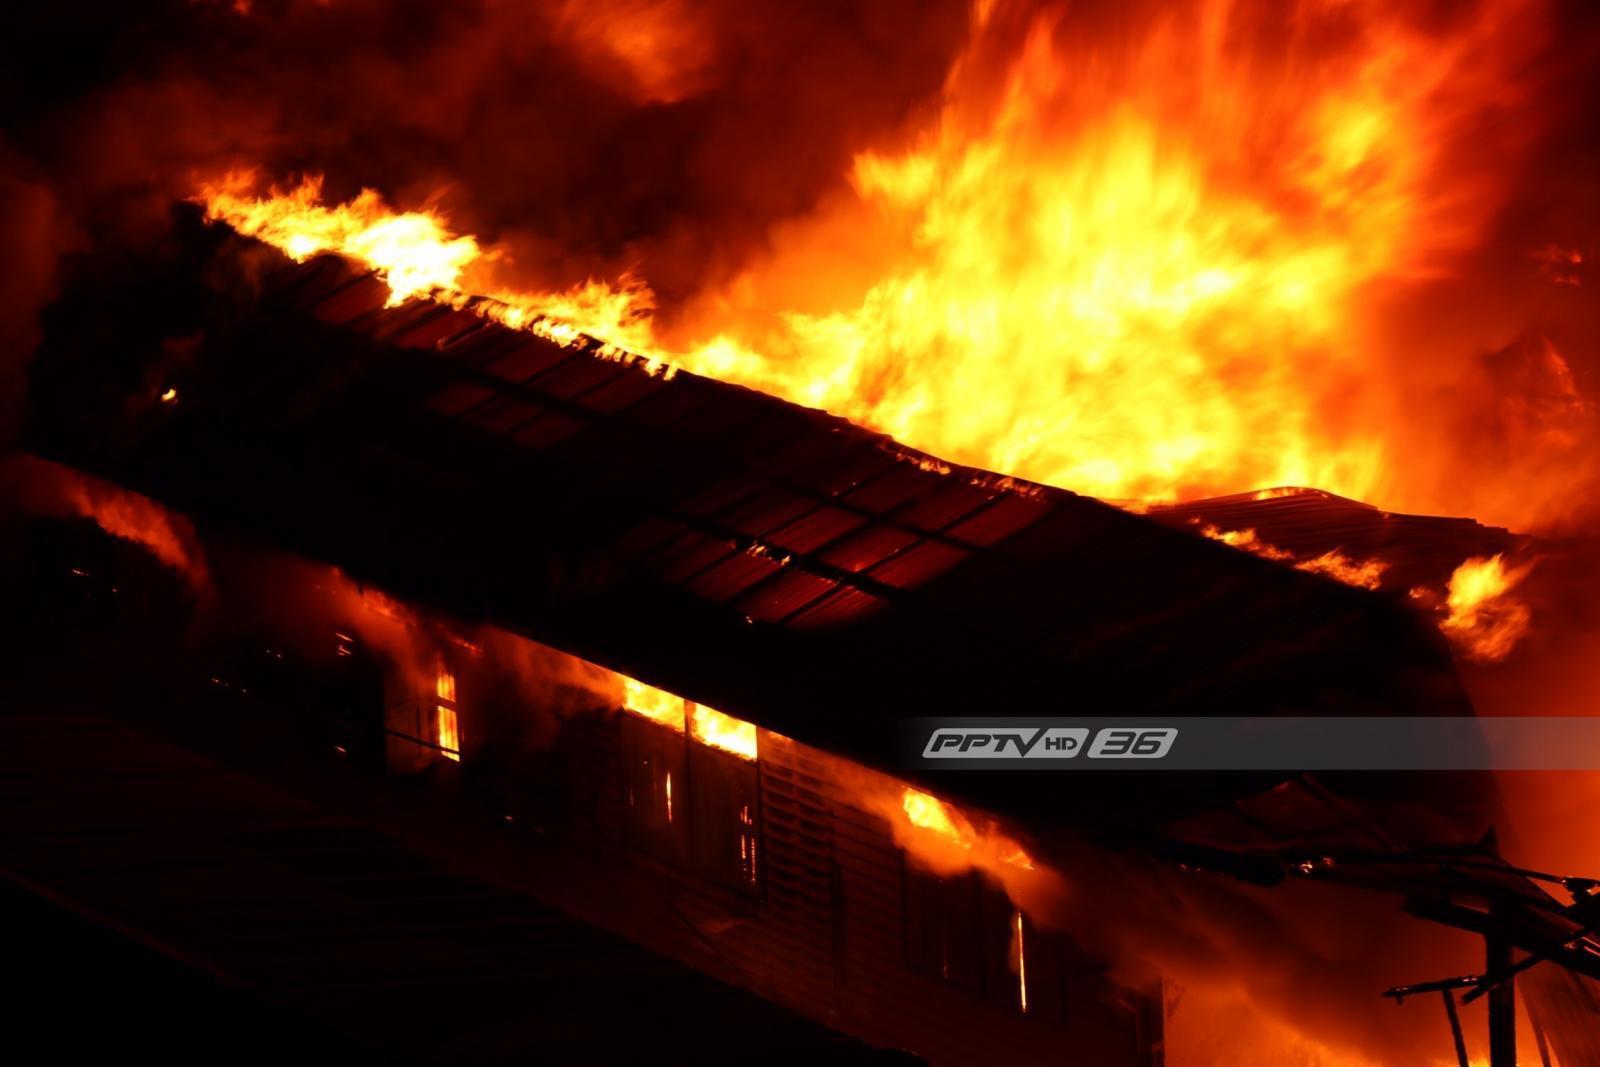 ไฟไหม้กลางดึก ชุมชน ซ.สมเด็จพระเจ้าตากสิน 4